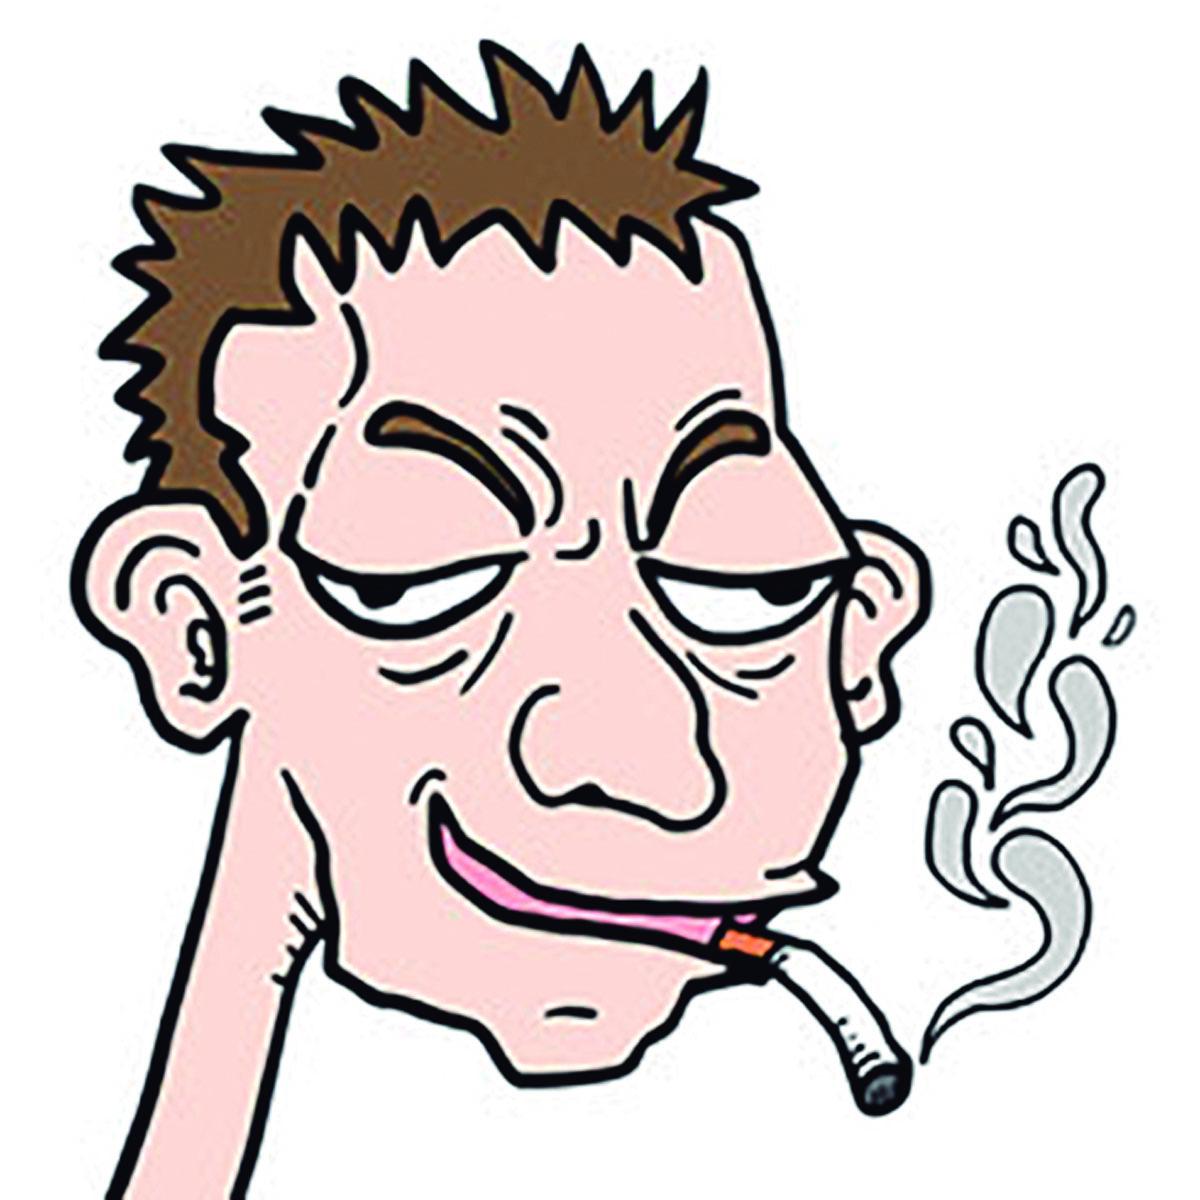 Smoke, Smoke, Smoke that Cigarette